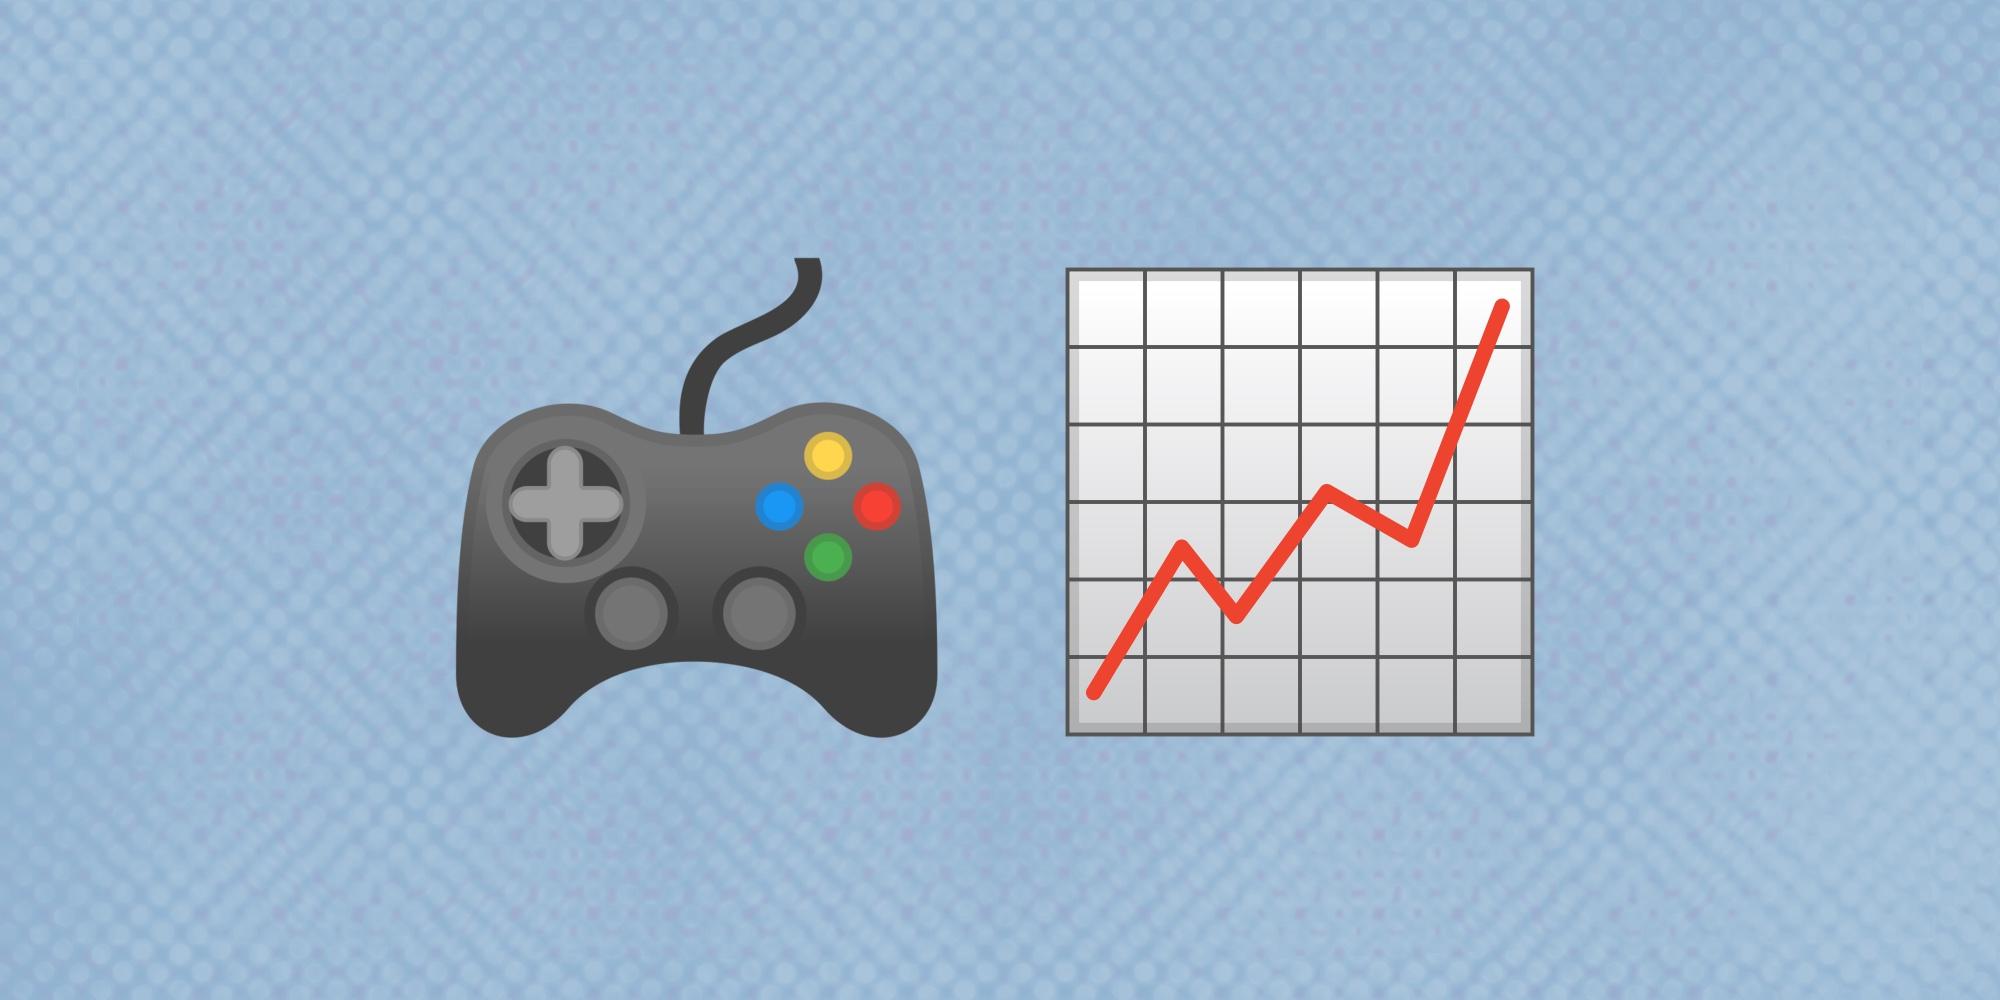 ? 27 актуальных ресурсов для игрового аналитика: сайты, курсы, книги, блоги и подкасты